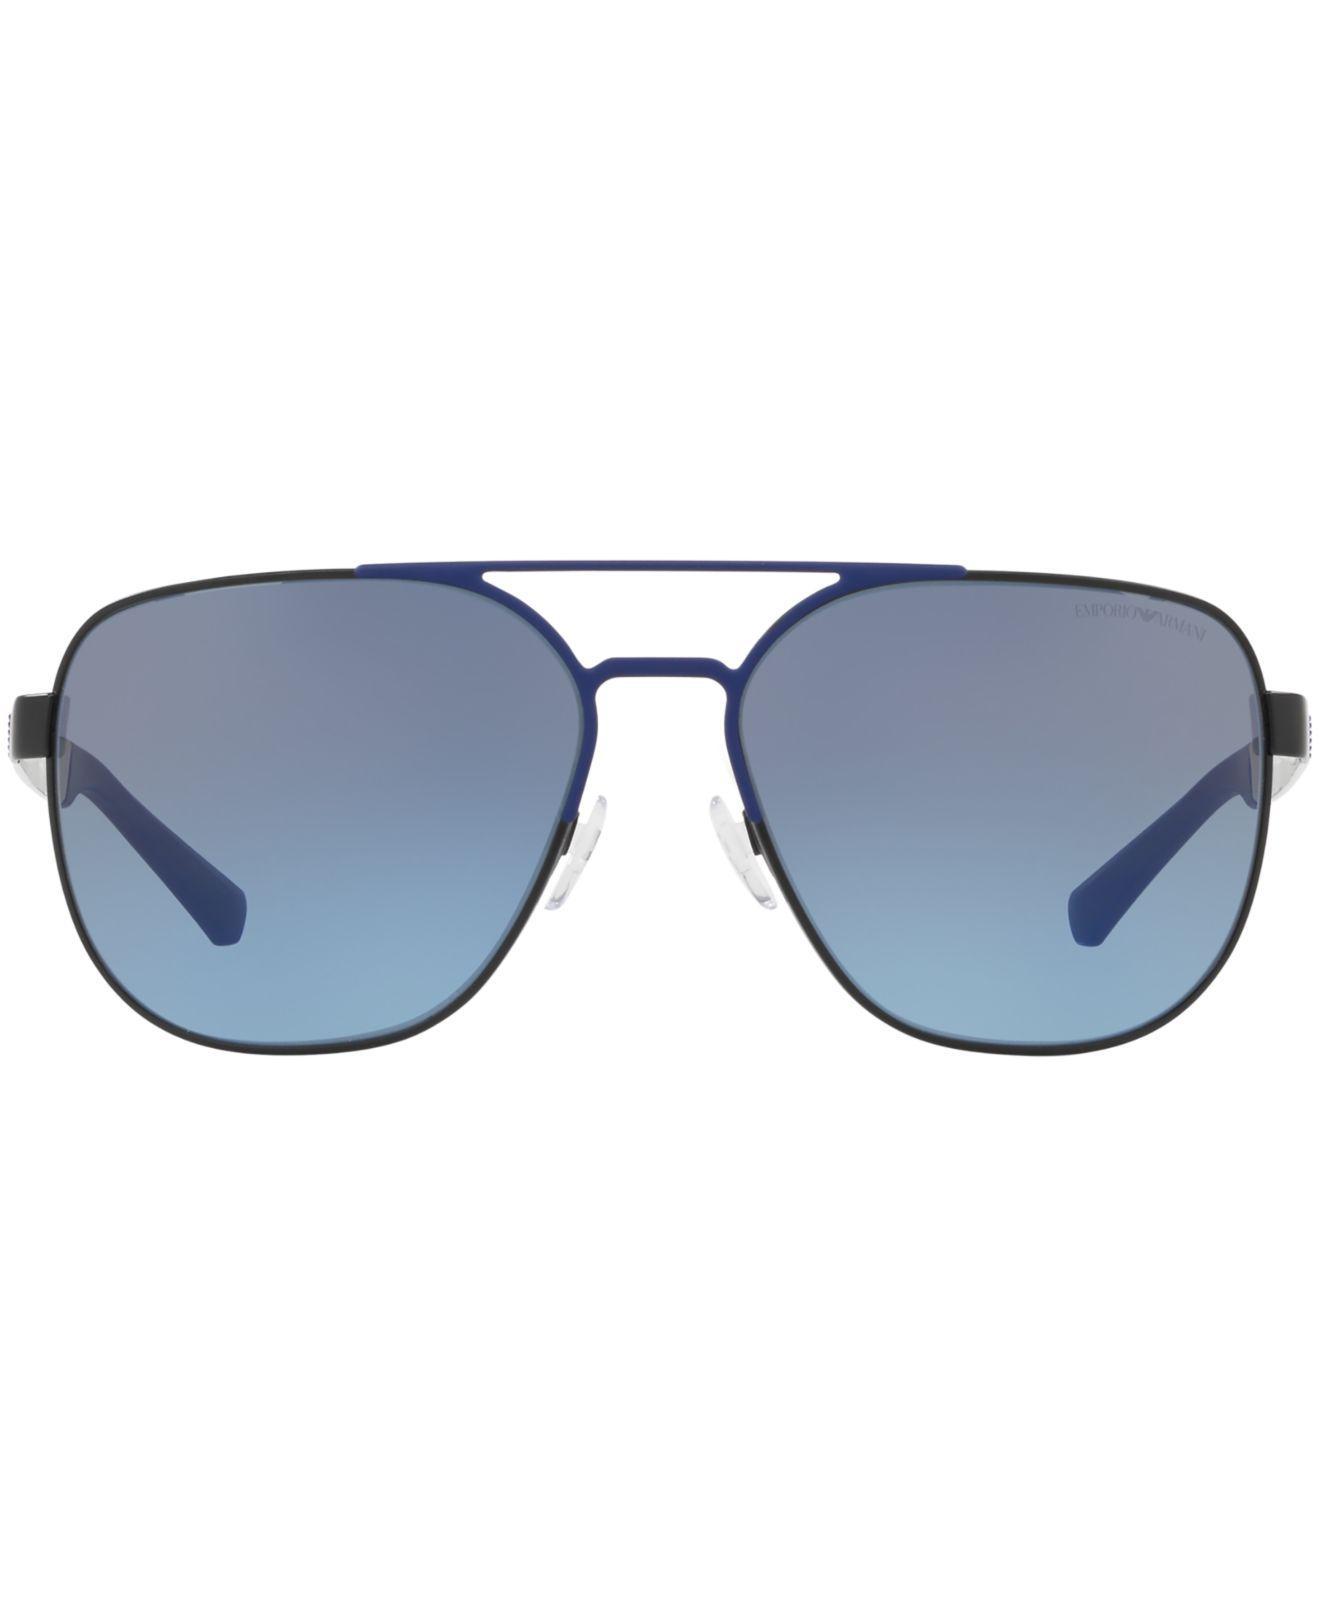 40b58a7b63c9 Lyst - Emporio Armani Ea2064 in Blue for Men